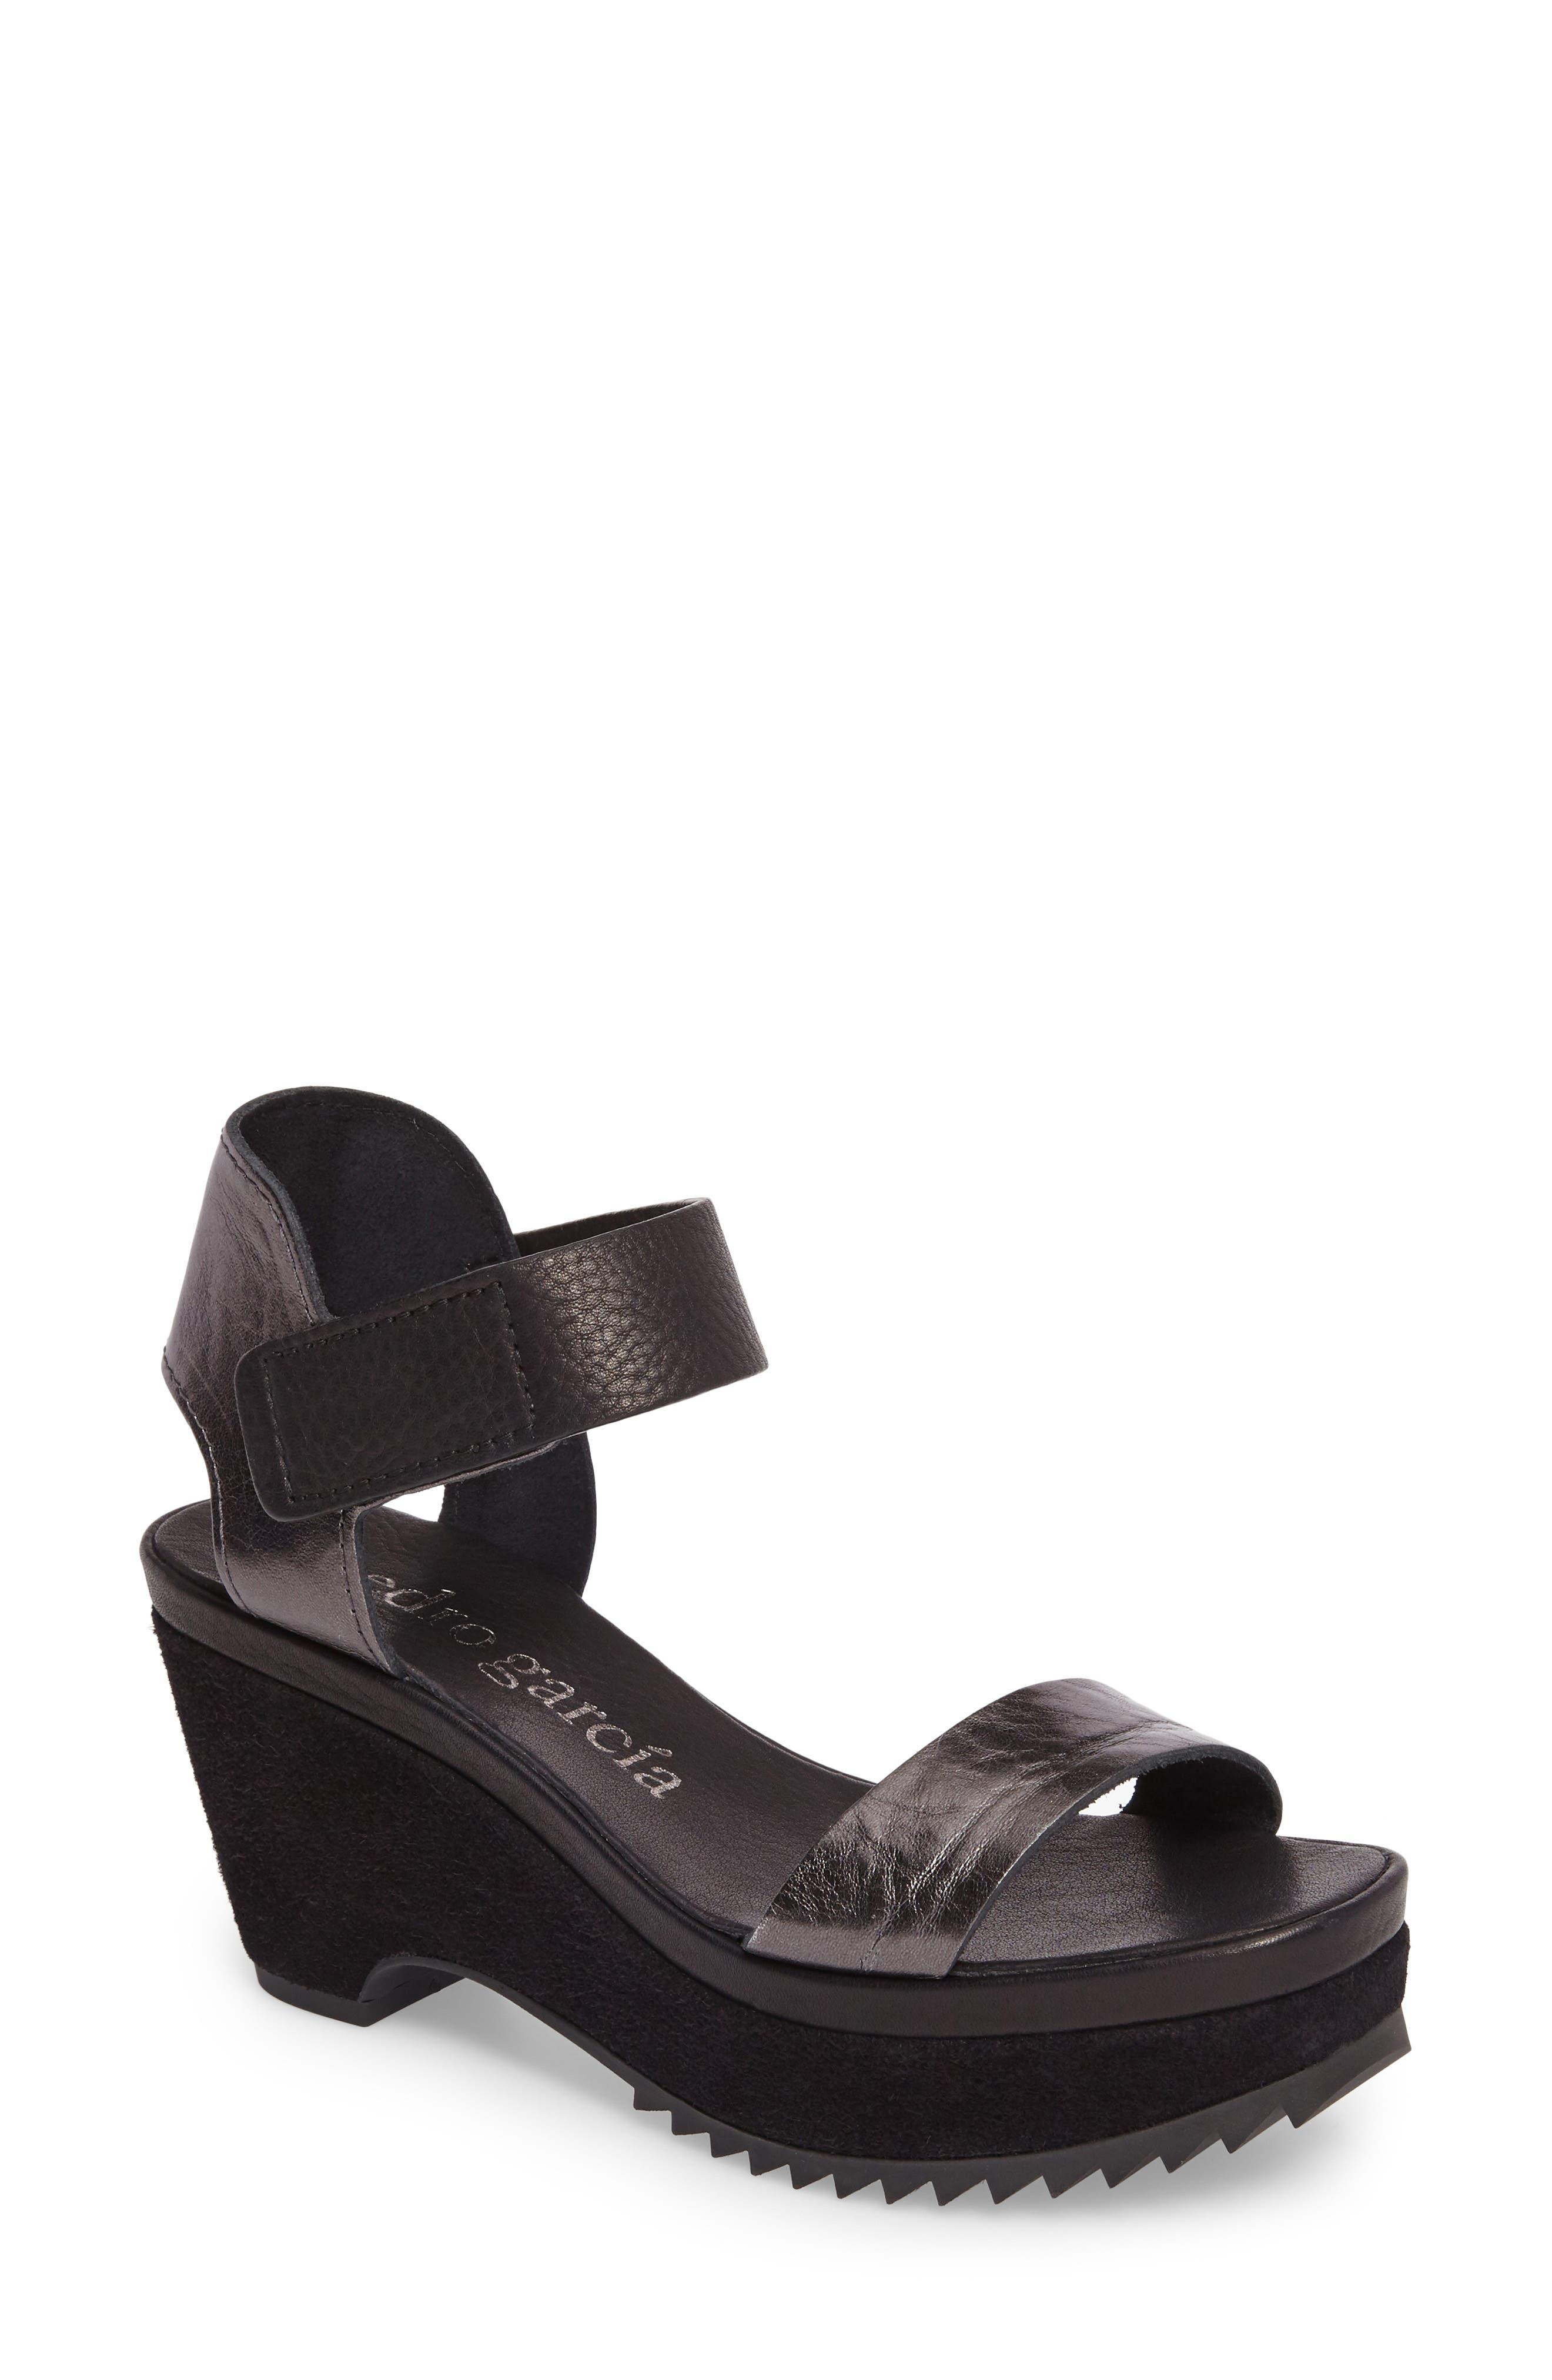 Franses Flatform Sandal,                         Main,                         color, Antracite Cervo Lame